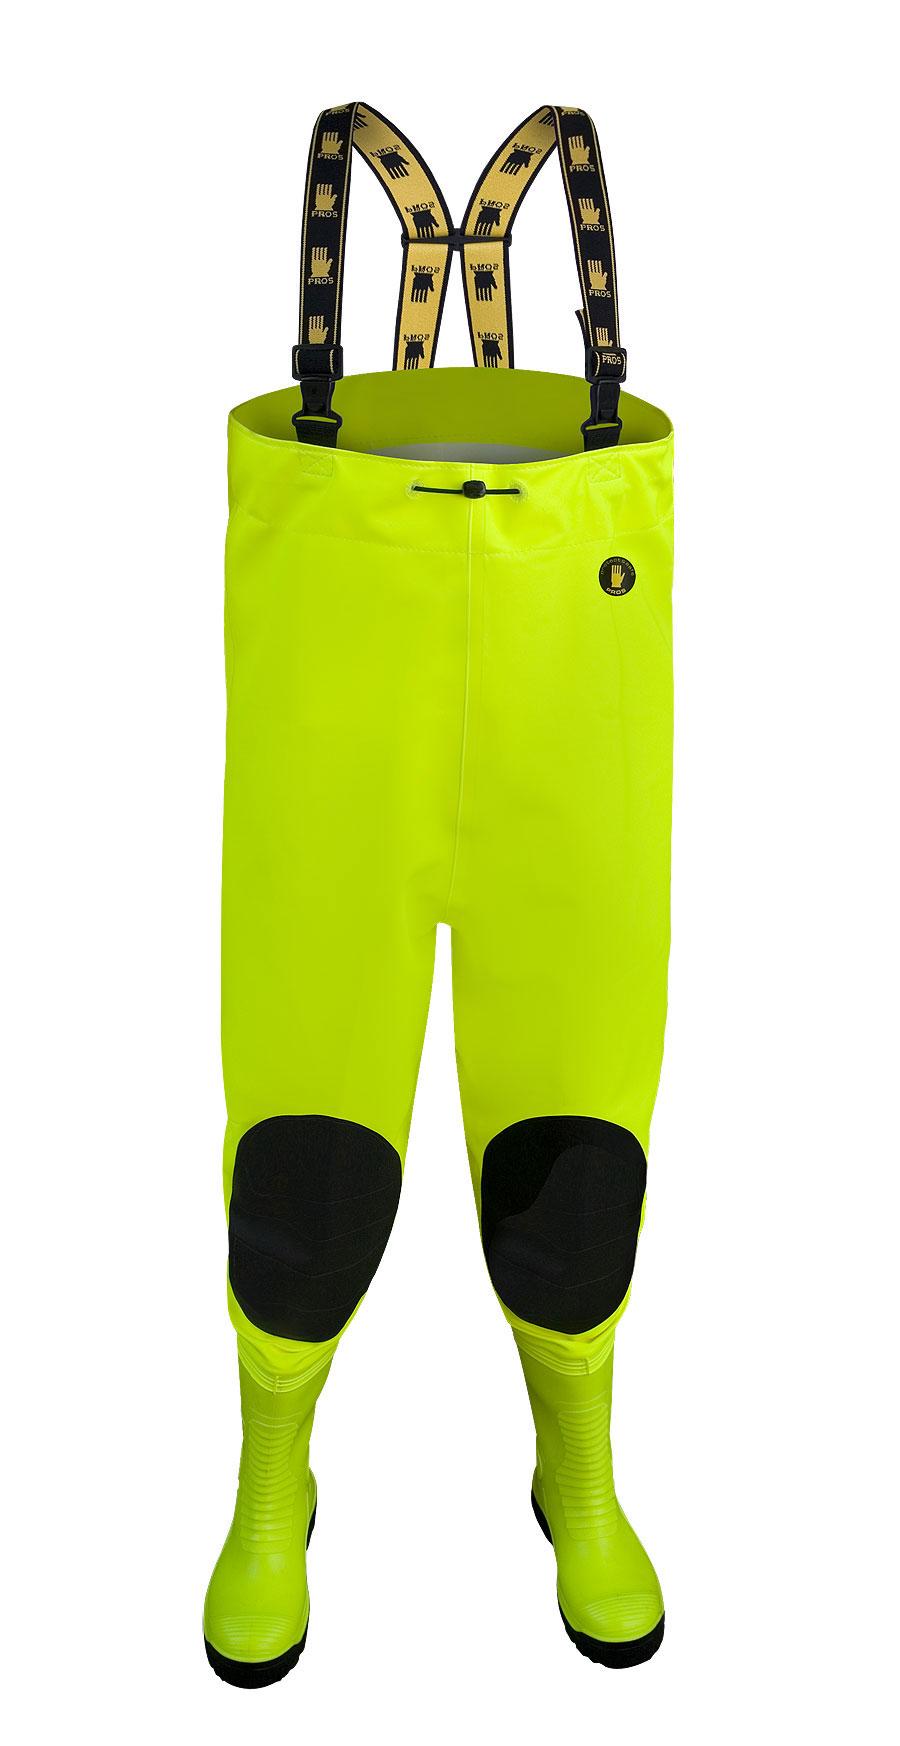 Brodící kalhoty MAX Fluo žluté vel.47    SBM01 Fluo žl.  PROS